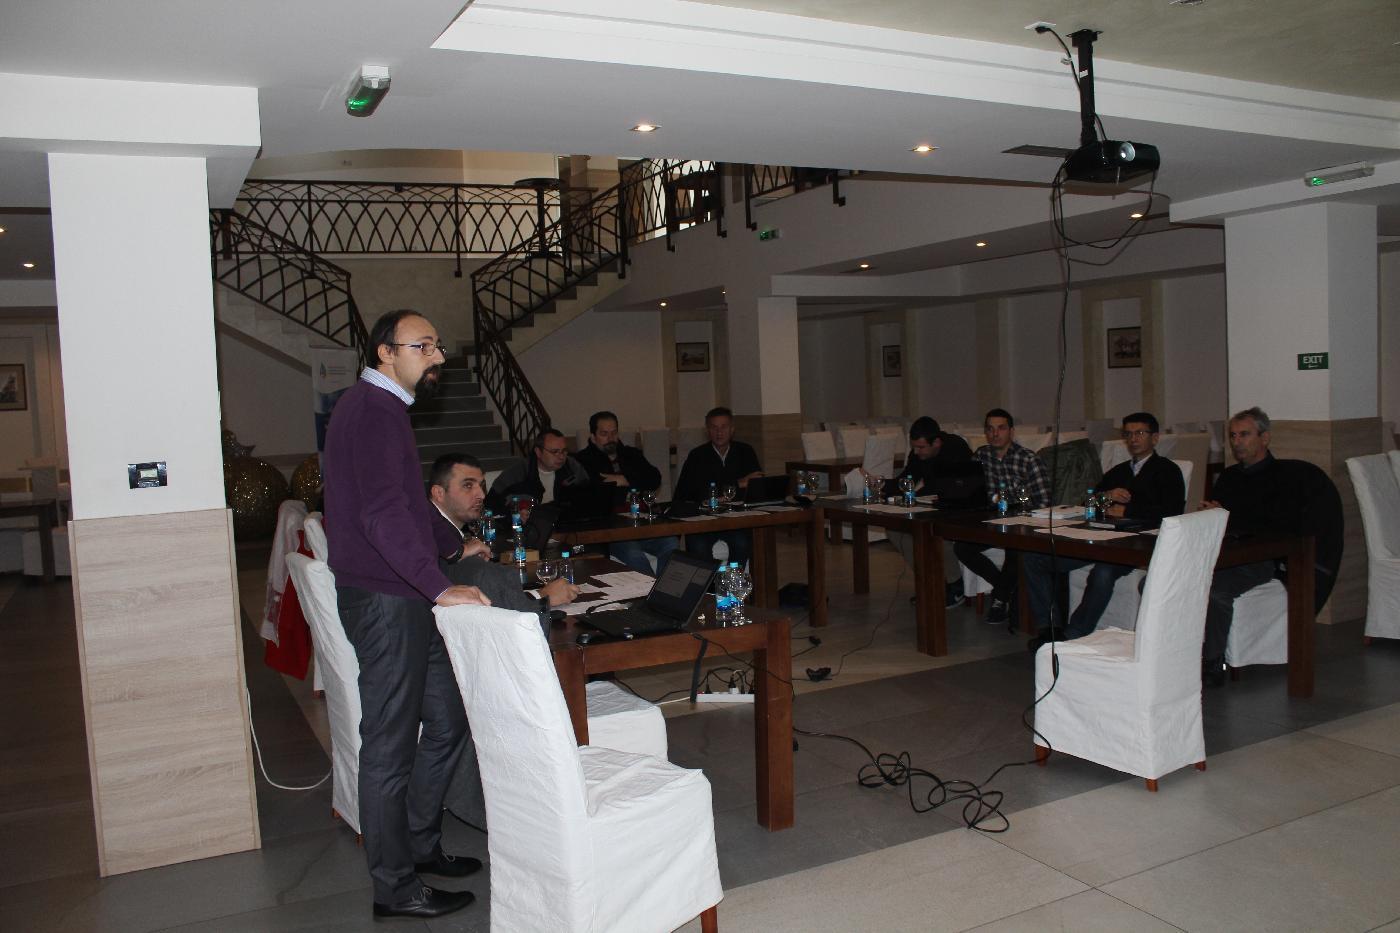 Održana druga radionica u okviru D-LeaP Programa jačanja kapaciteta za unaprjeđenje energijske efikasnosti u javnim komunalnim/vodovodnim preduzećima (JKP/JVP)